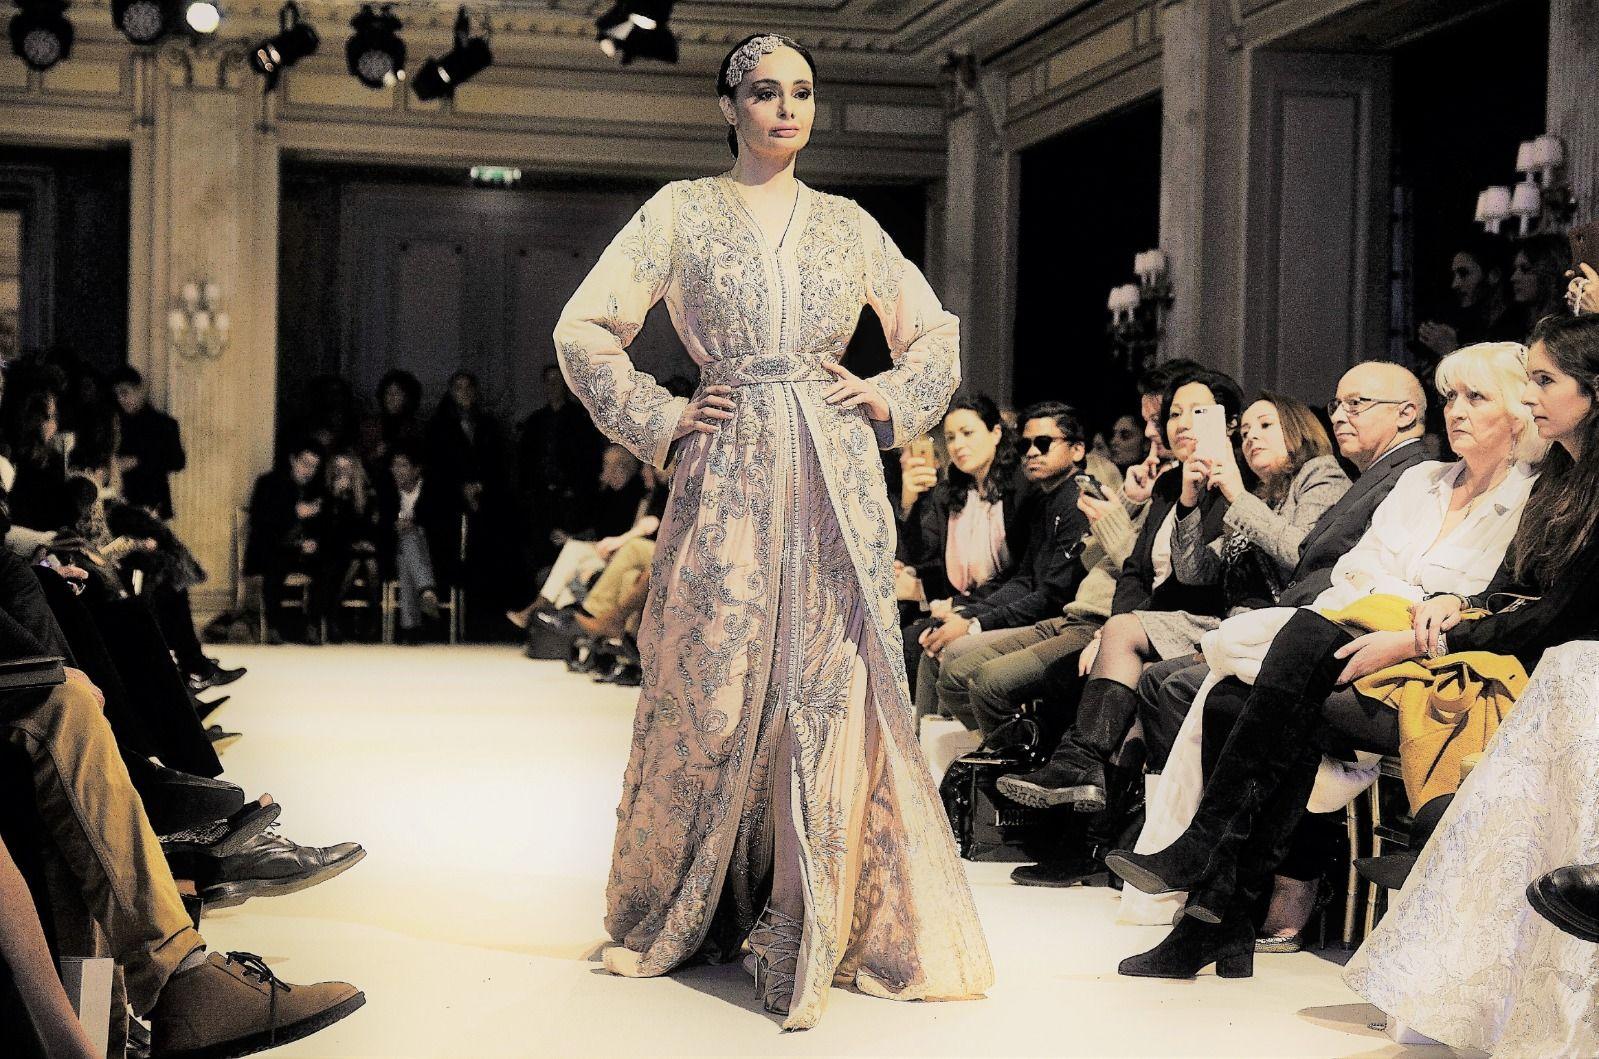 Paris Haute Couture Fashion Week - Gianni Ricci Fashion